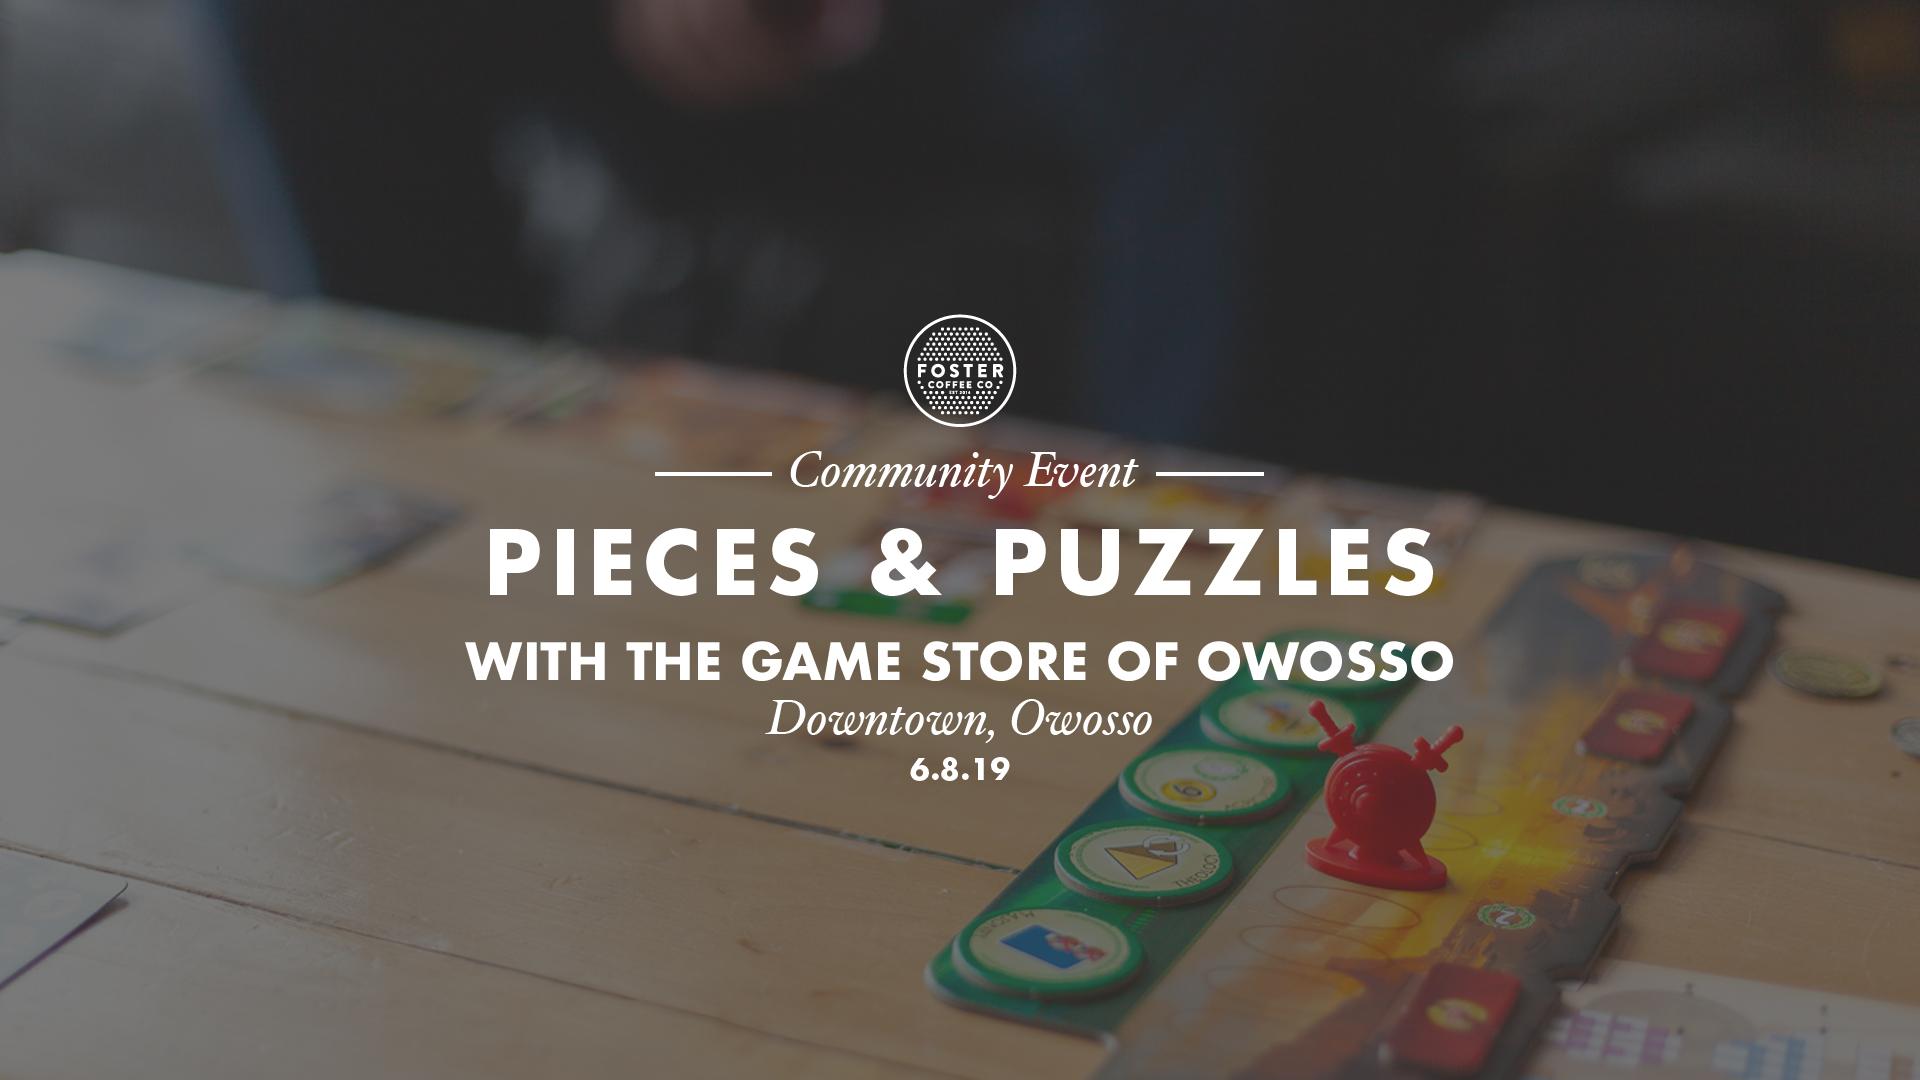 Pieces&Puzzles_5.8.19.jpg